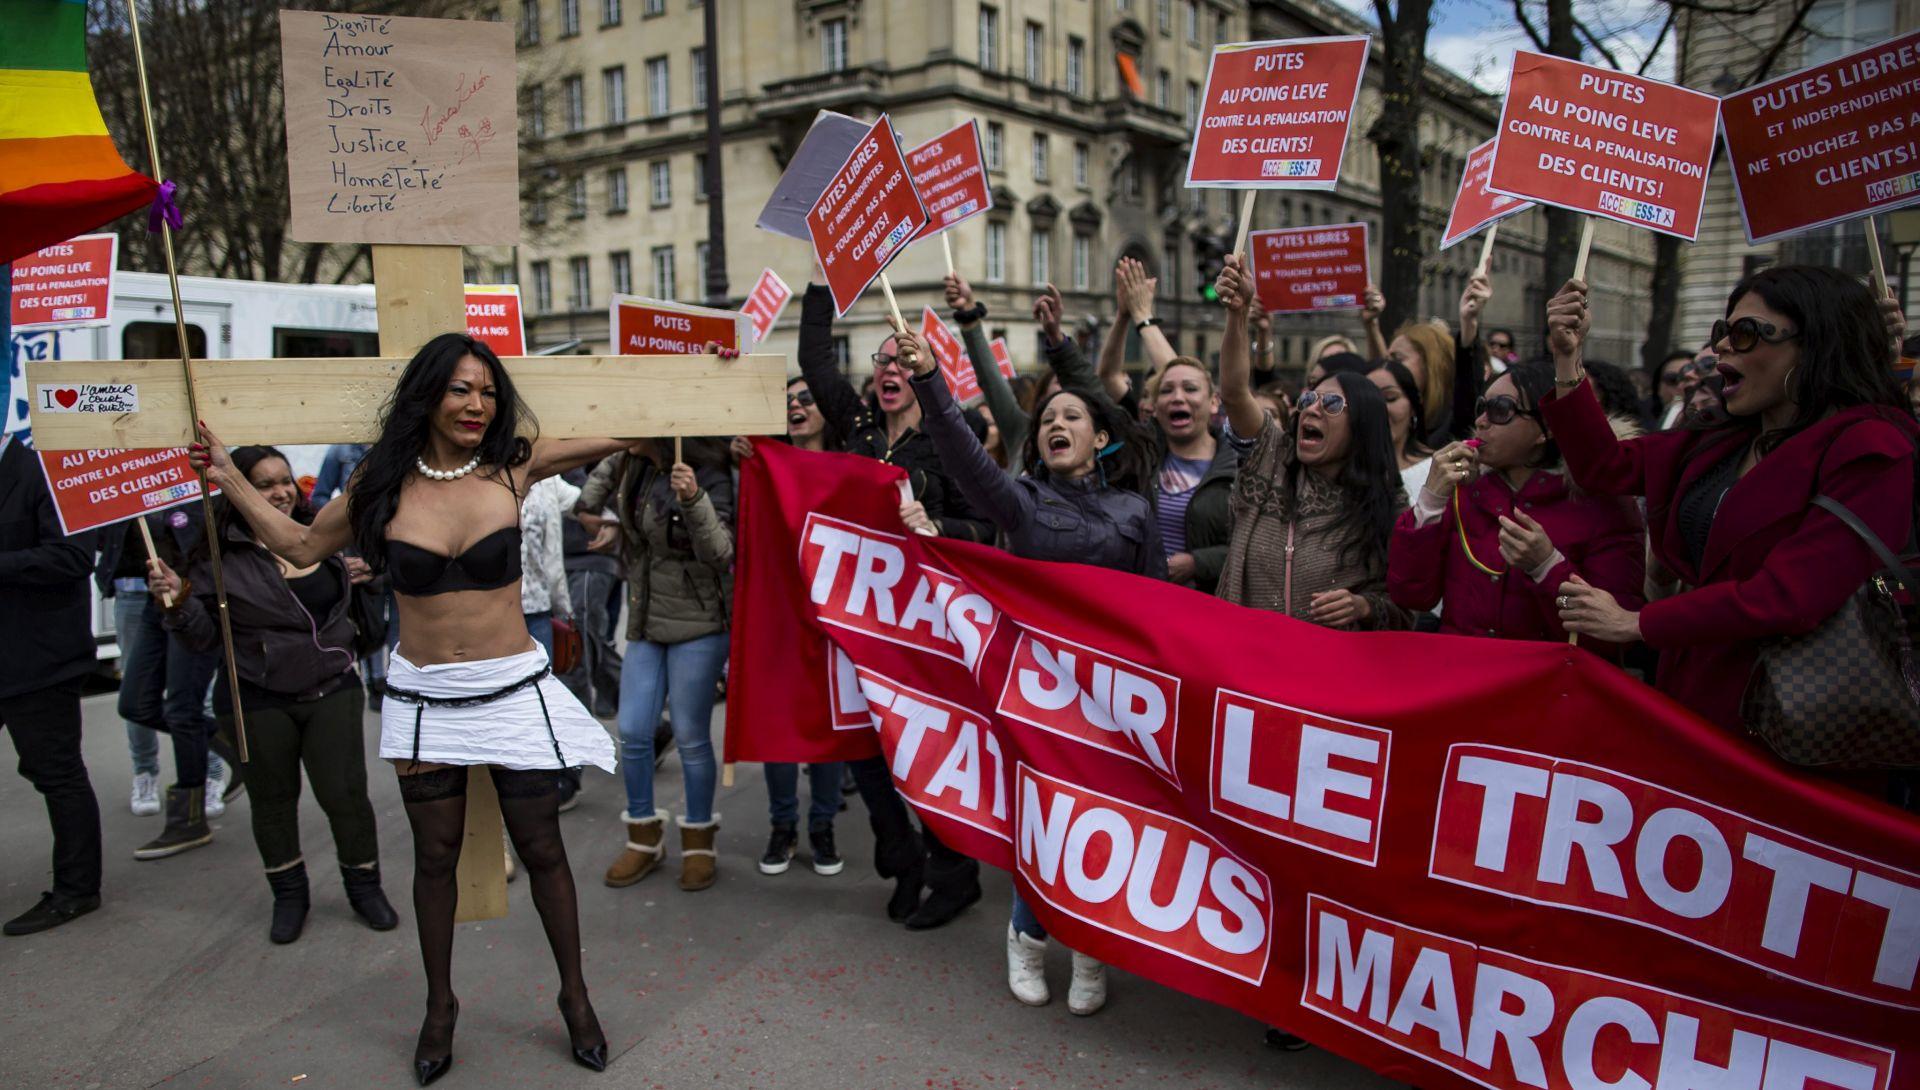 Francuska izglasala novi zakon kojim se zabranjuje plaćanje seksualnih usluga